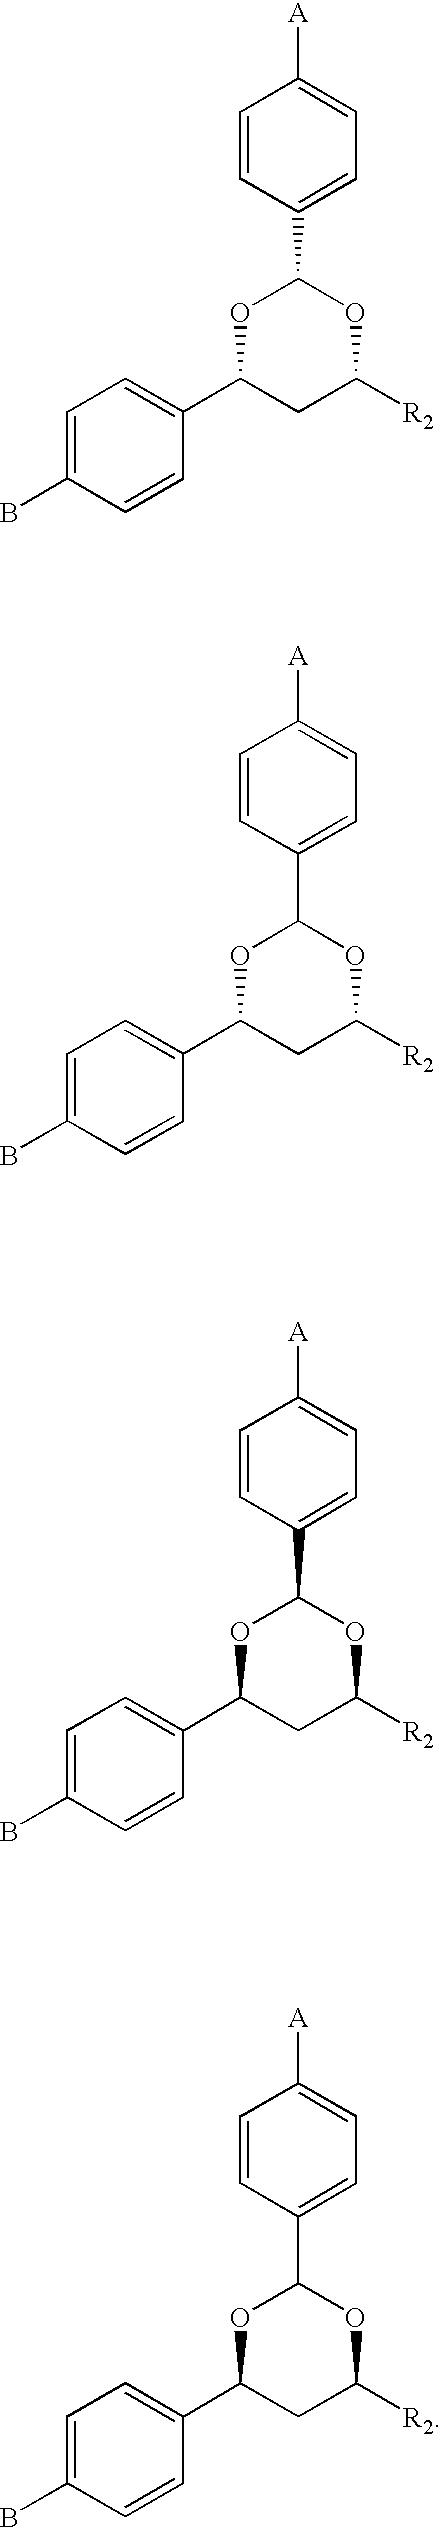 Figure US08222423-20120717-C00147